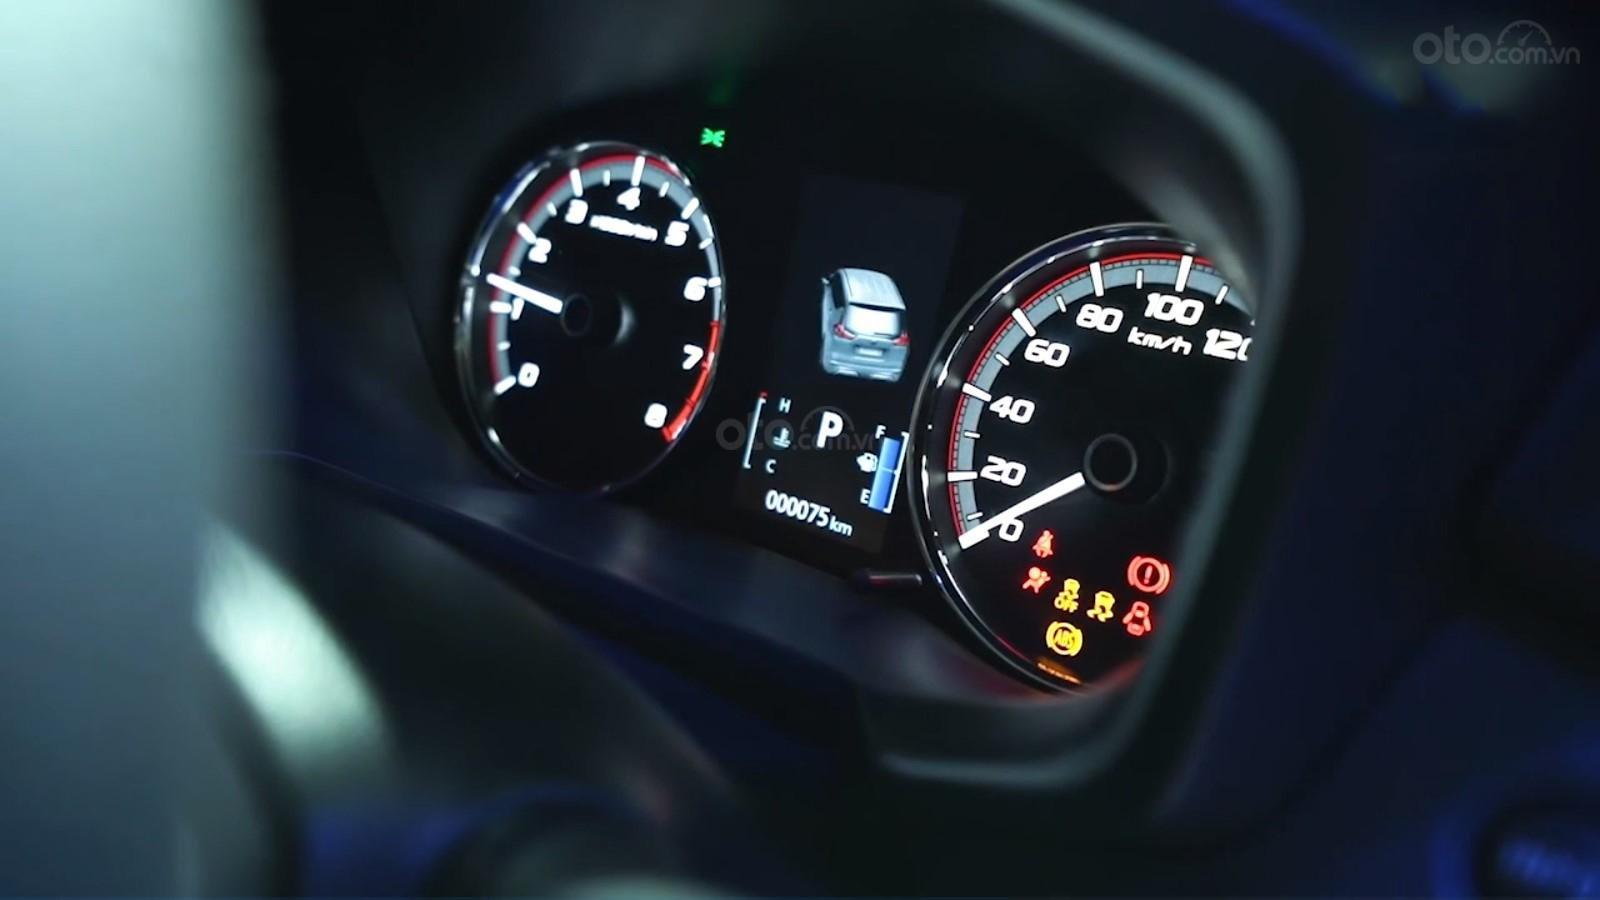 Ảnh chụp cụm đồng hồ xe Nissan Grand Livina 2020